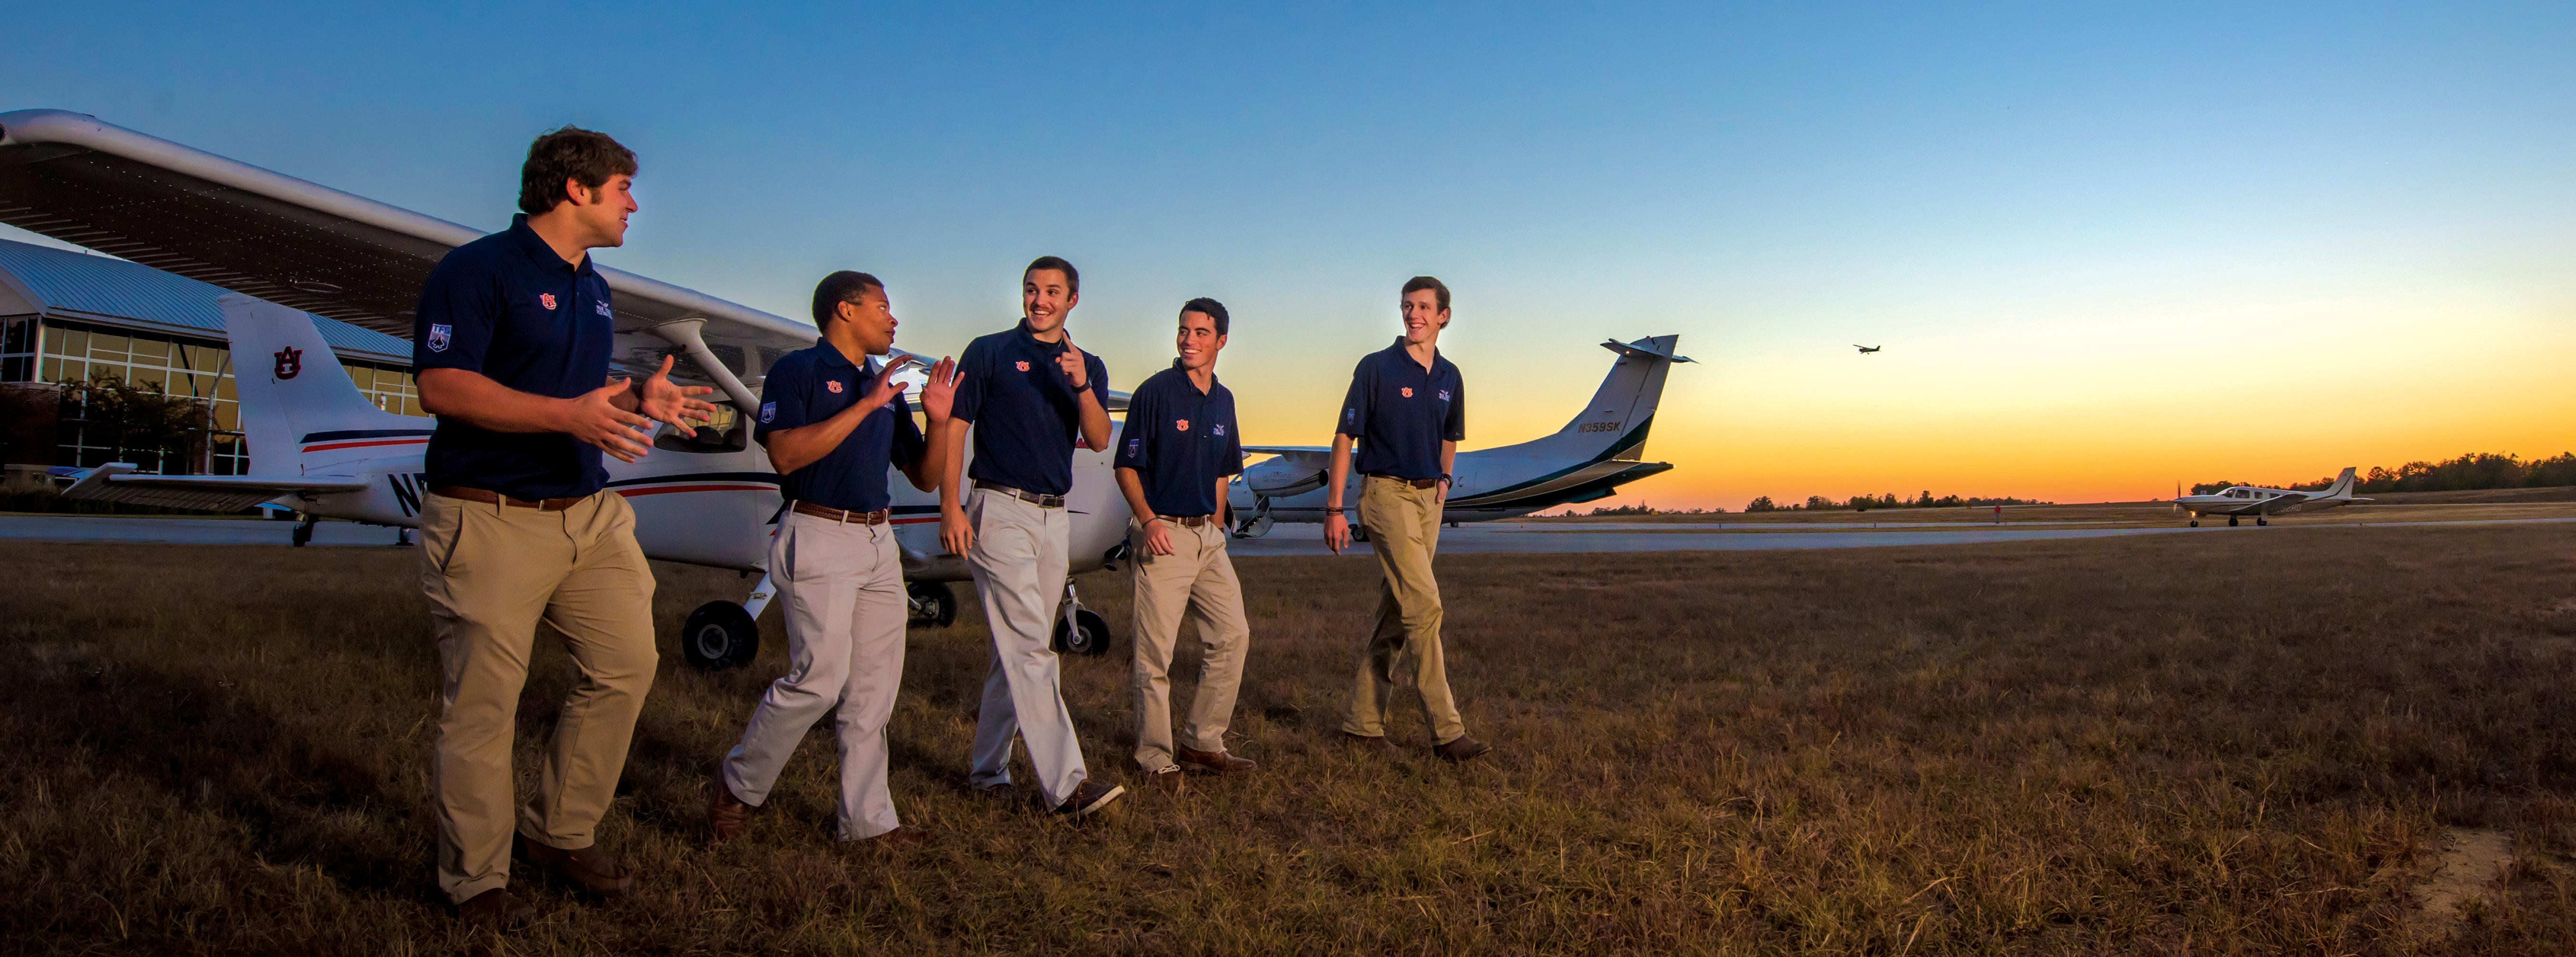 Auburn aviation students